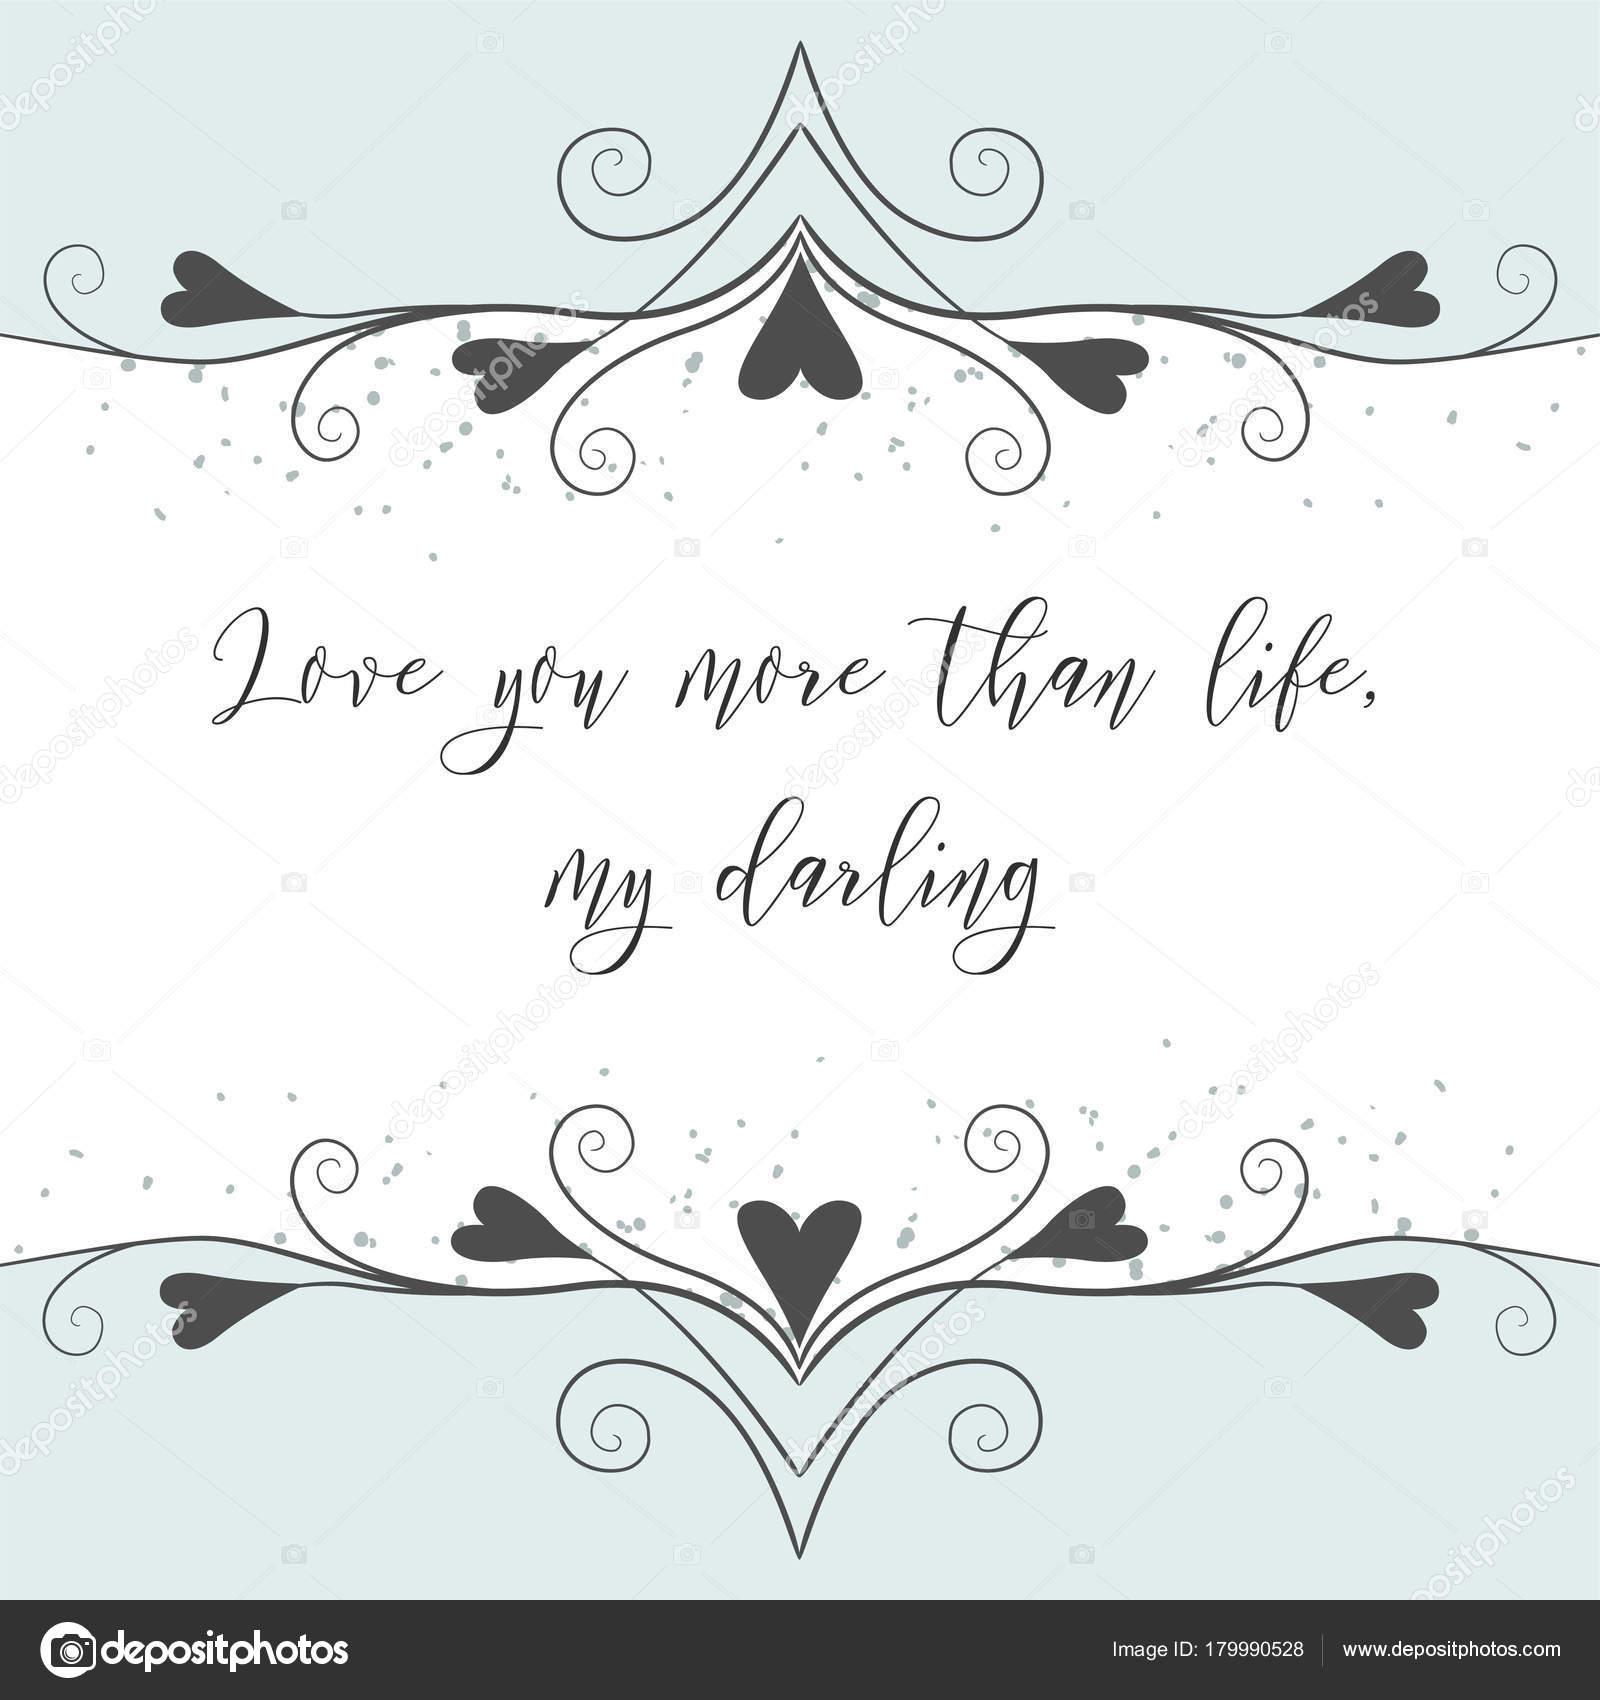 Vektor Hand Gezeichnete Schonen Valentinstag Grusskarte Einladung W